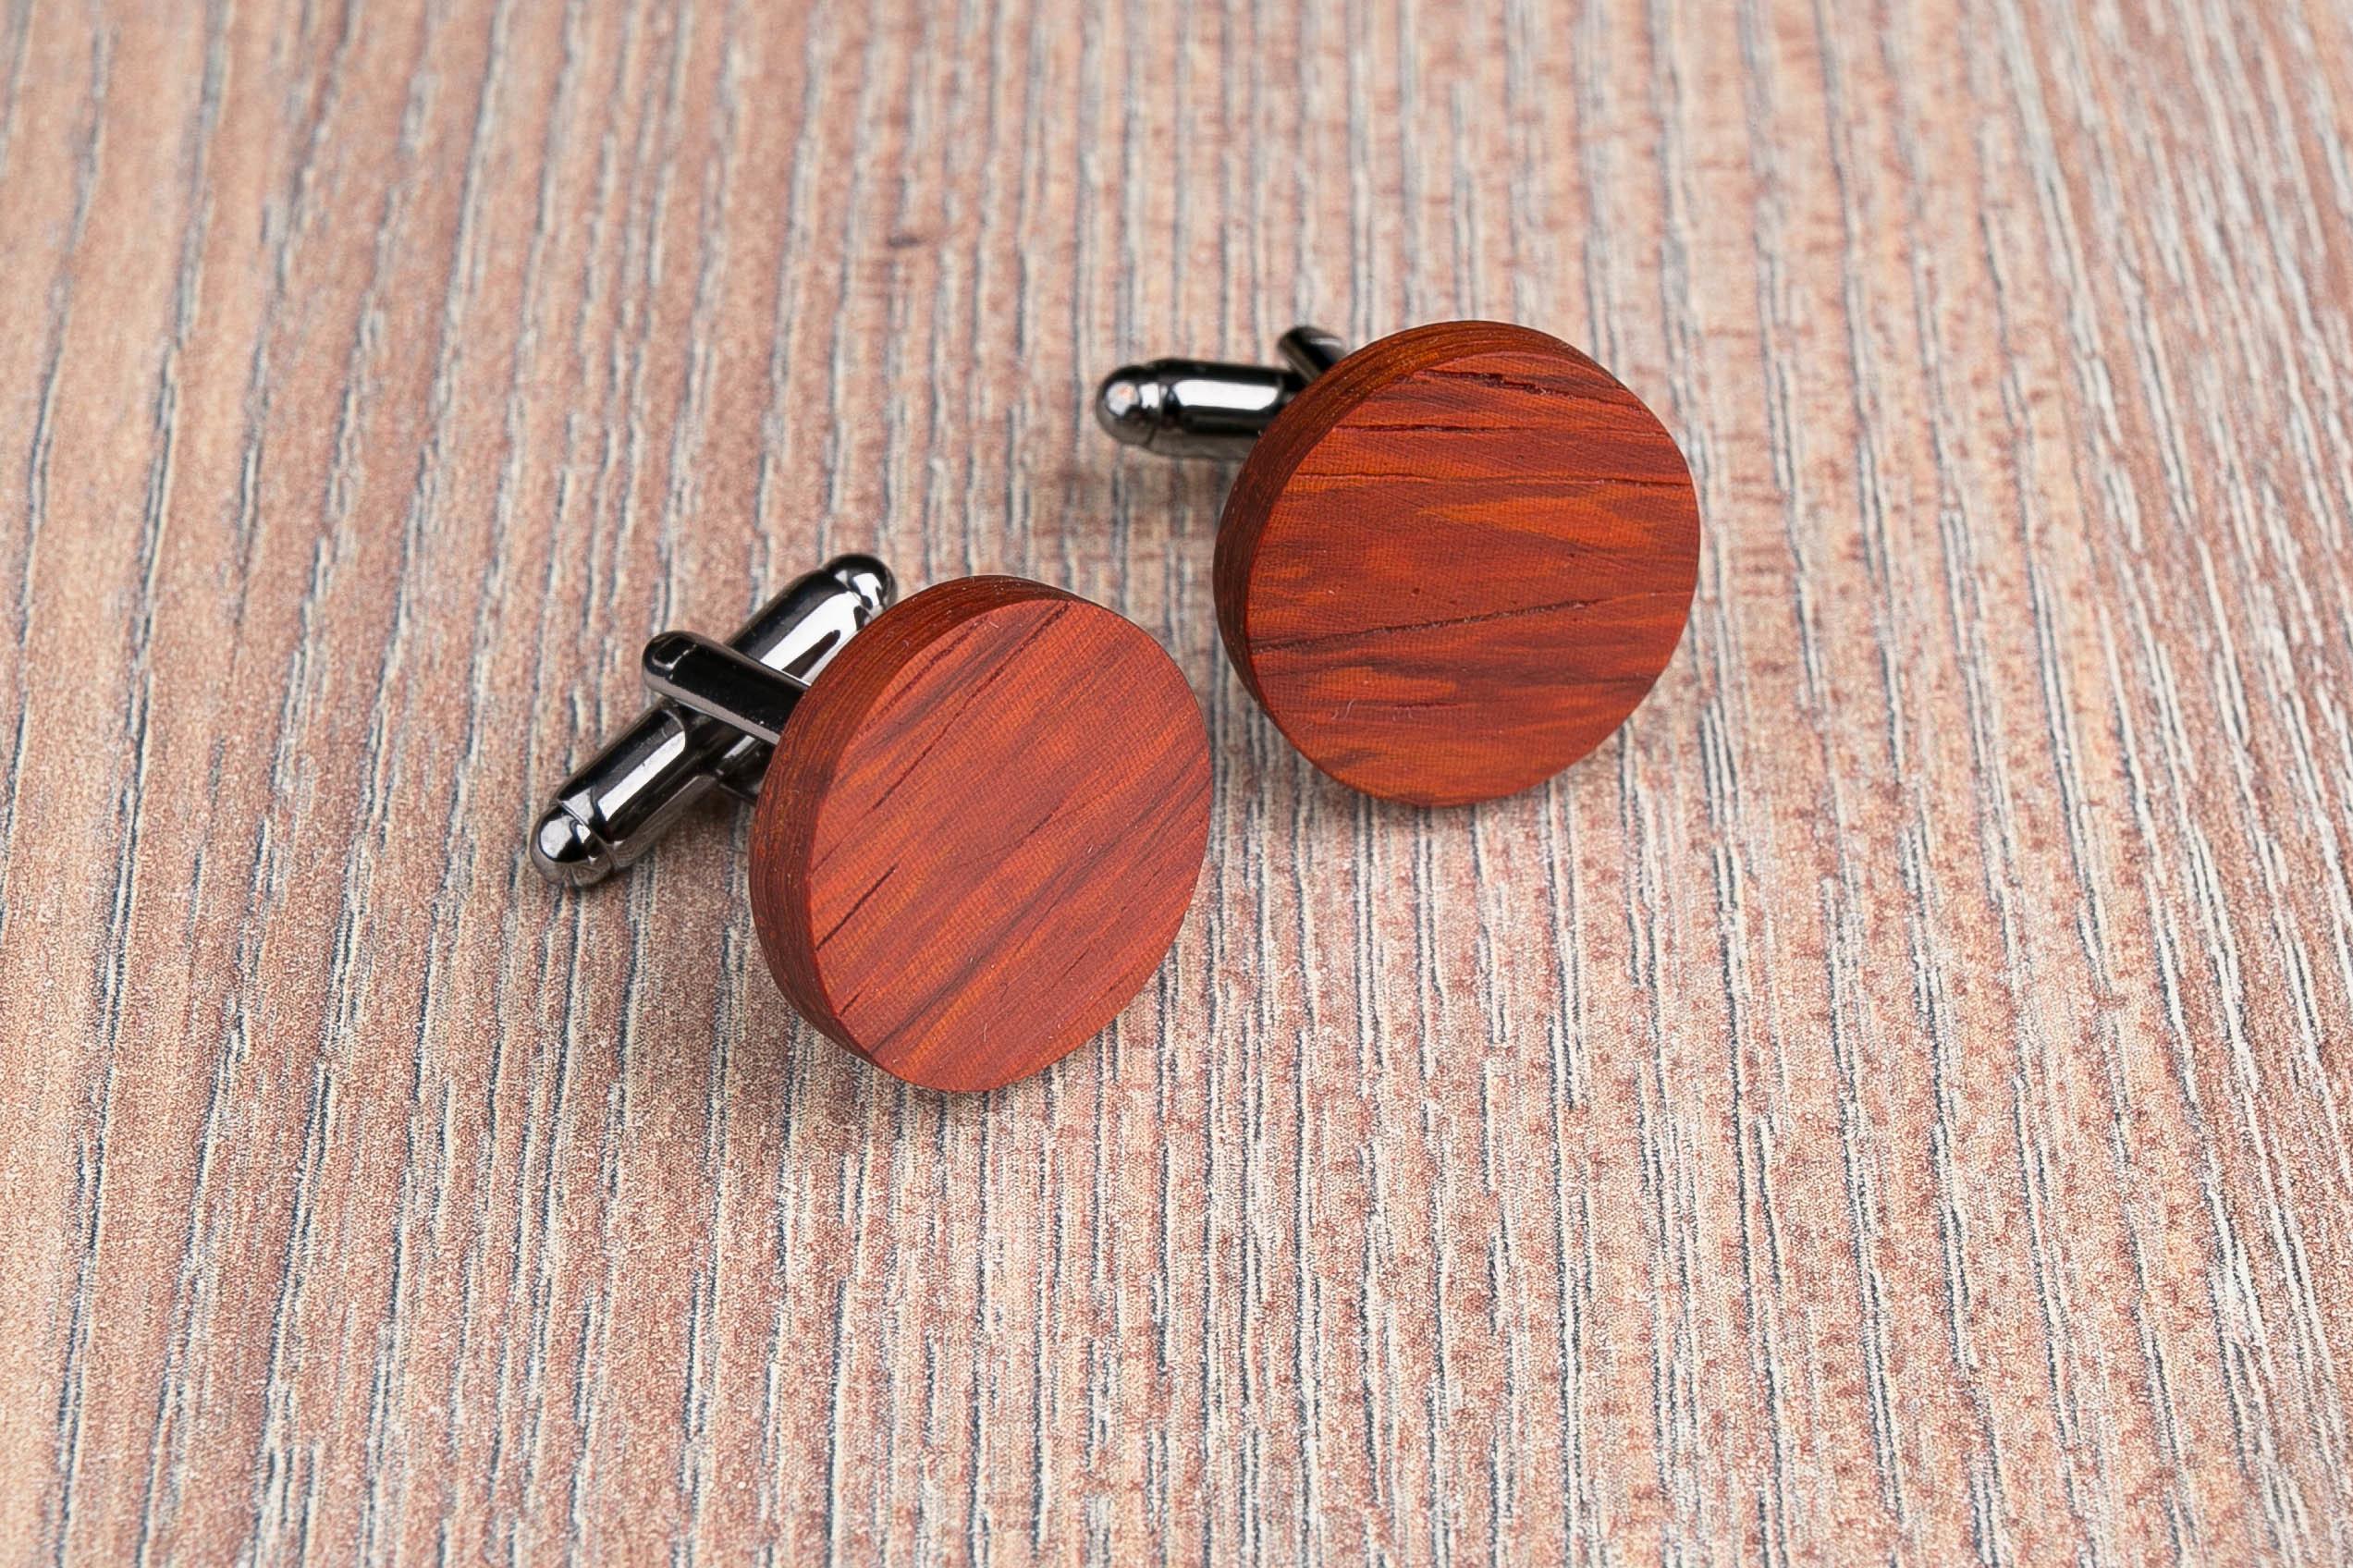 Комплект: Круглые запонки из дерева и Деревянный зажим для галстука. Массив падука. Гравировка инициалов. Упаковка в комплекте